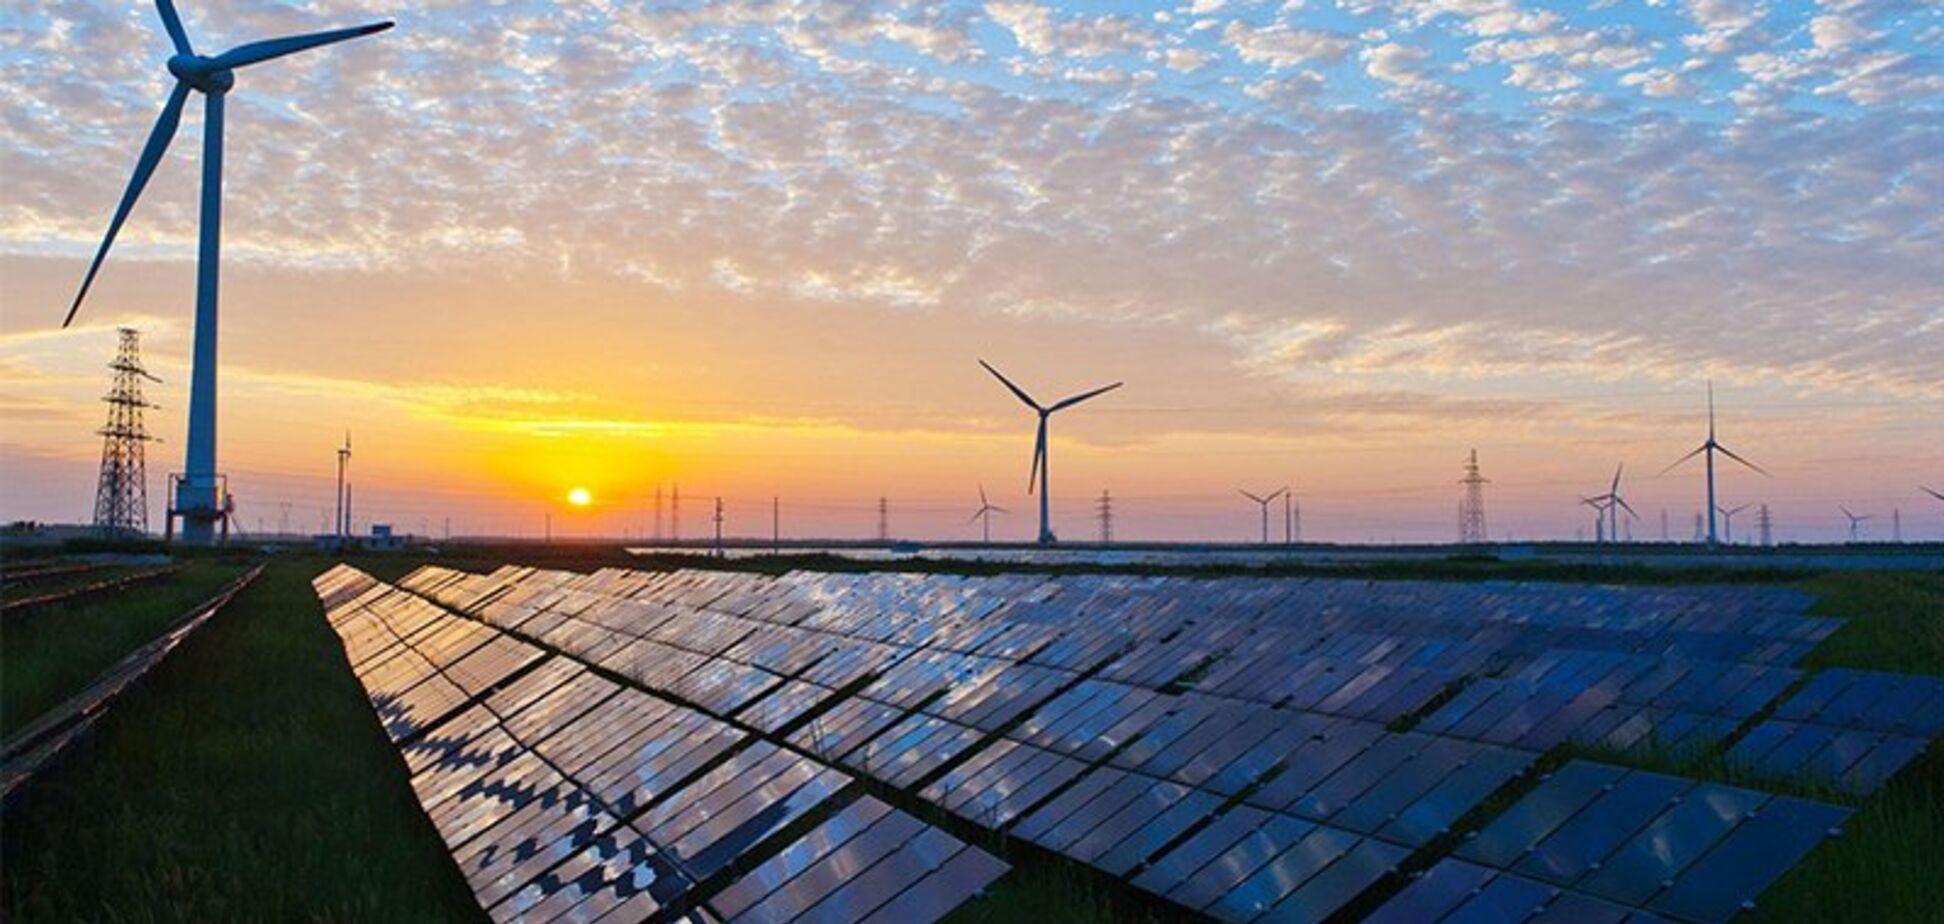 Ретроспективне зниження 'зеленого' тарифу дорого коштуватиме державі – Гончаренко